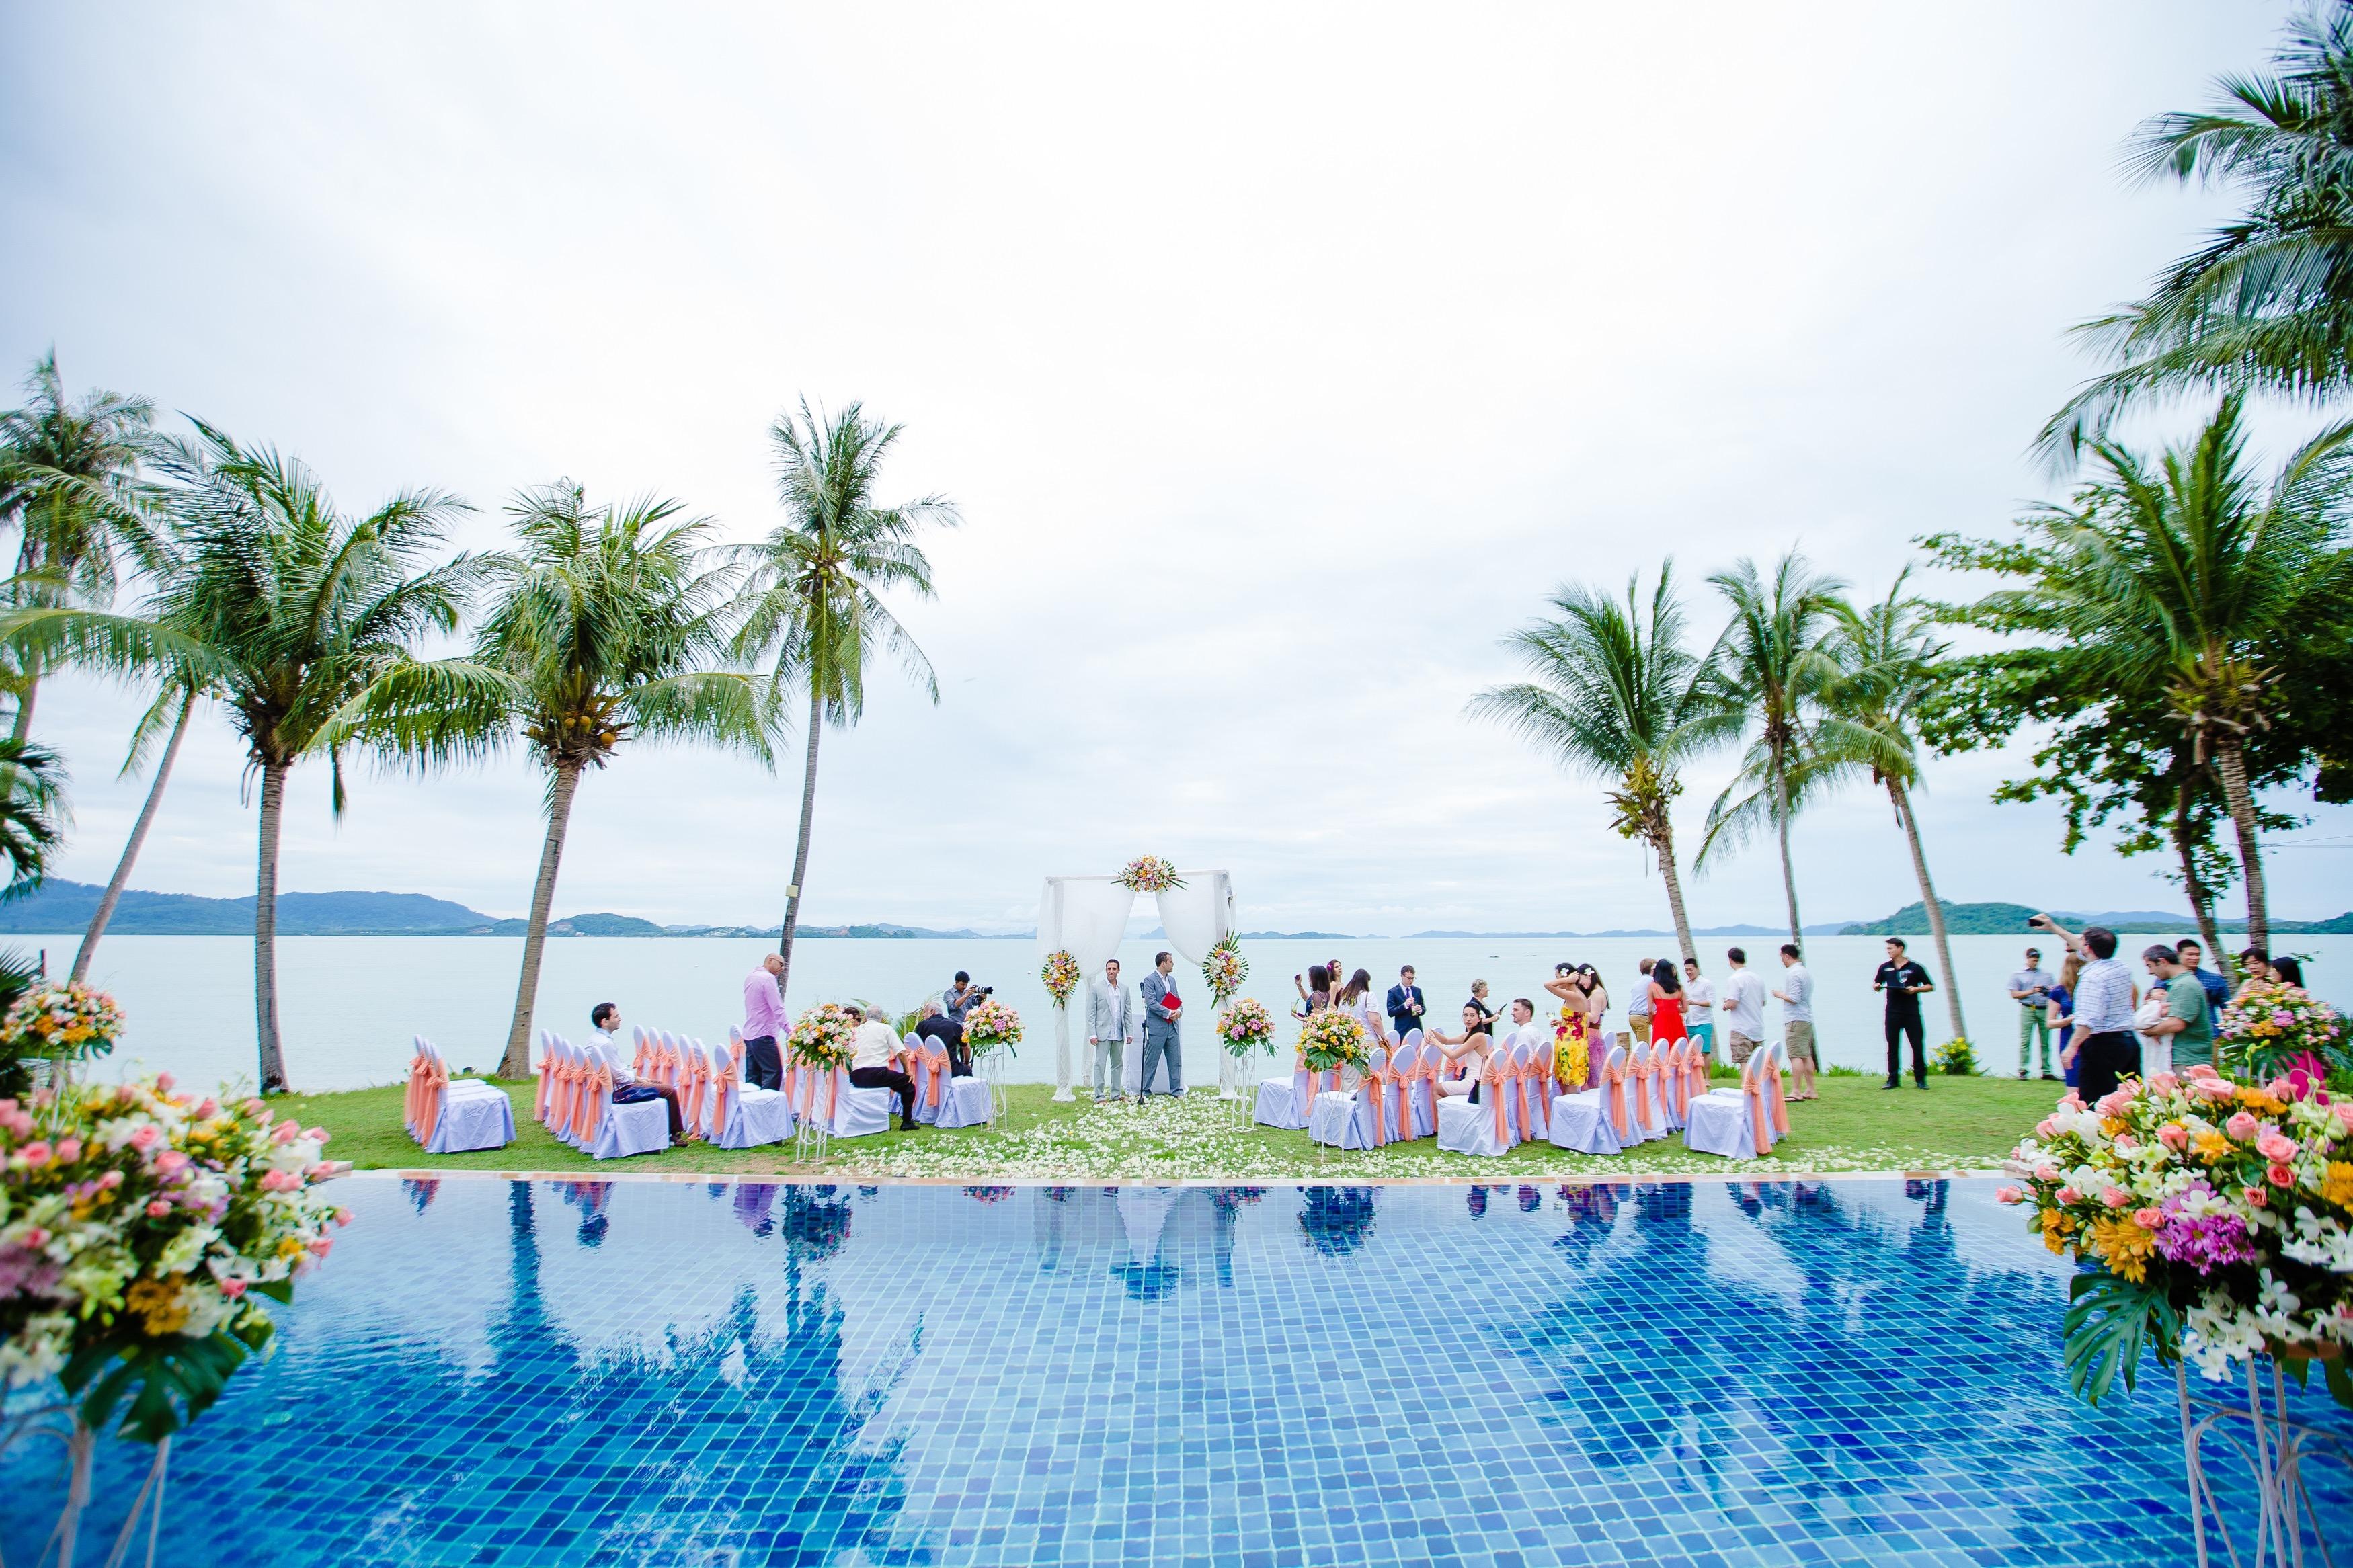 【别漾普吉-椰岛密屿】皇帝岛+珊瑚岛+椰子岛优享7日游